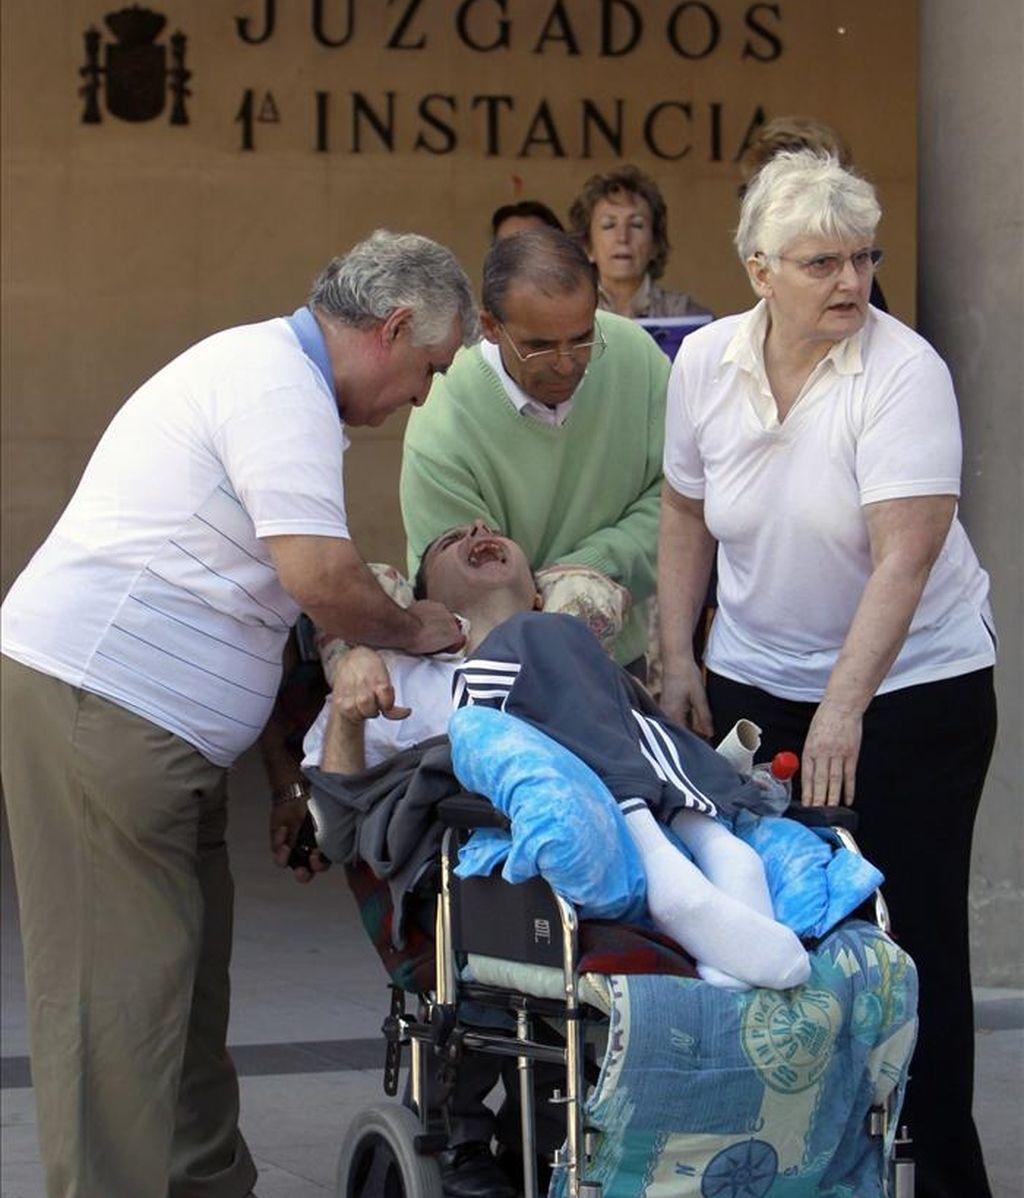 Antonio Meño (en la silla), el hombre que ha permanecido más de 21 años en coma tras ser sometido a una intervención quirúrgica, y sus padres, Antonio (i) y Juana Ortega (d), a la salida hoy del Juzgado de Instrucción número 15 de Madrid. EFE